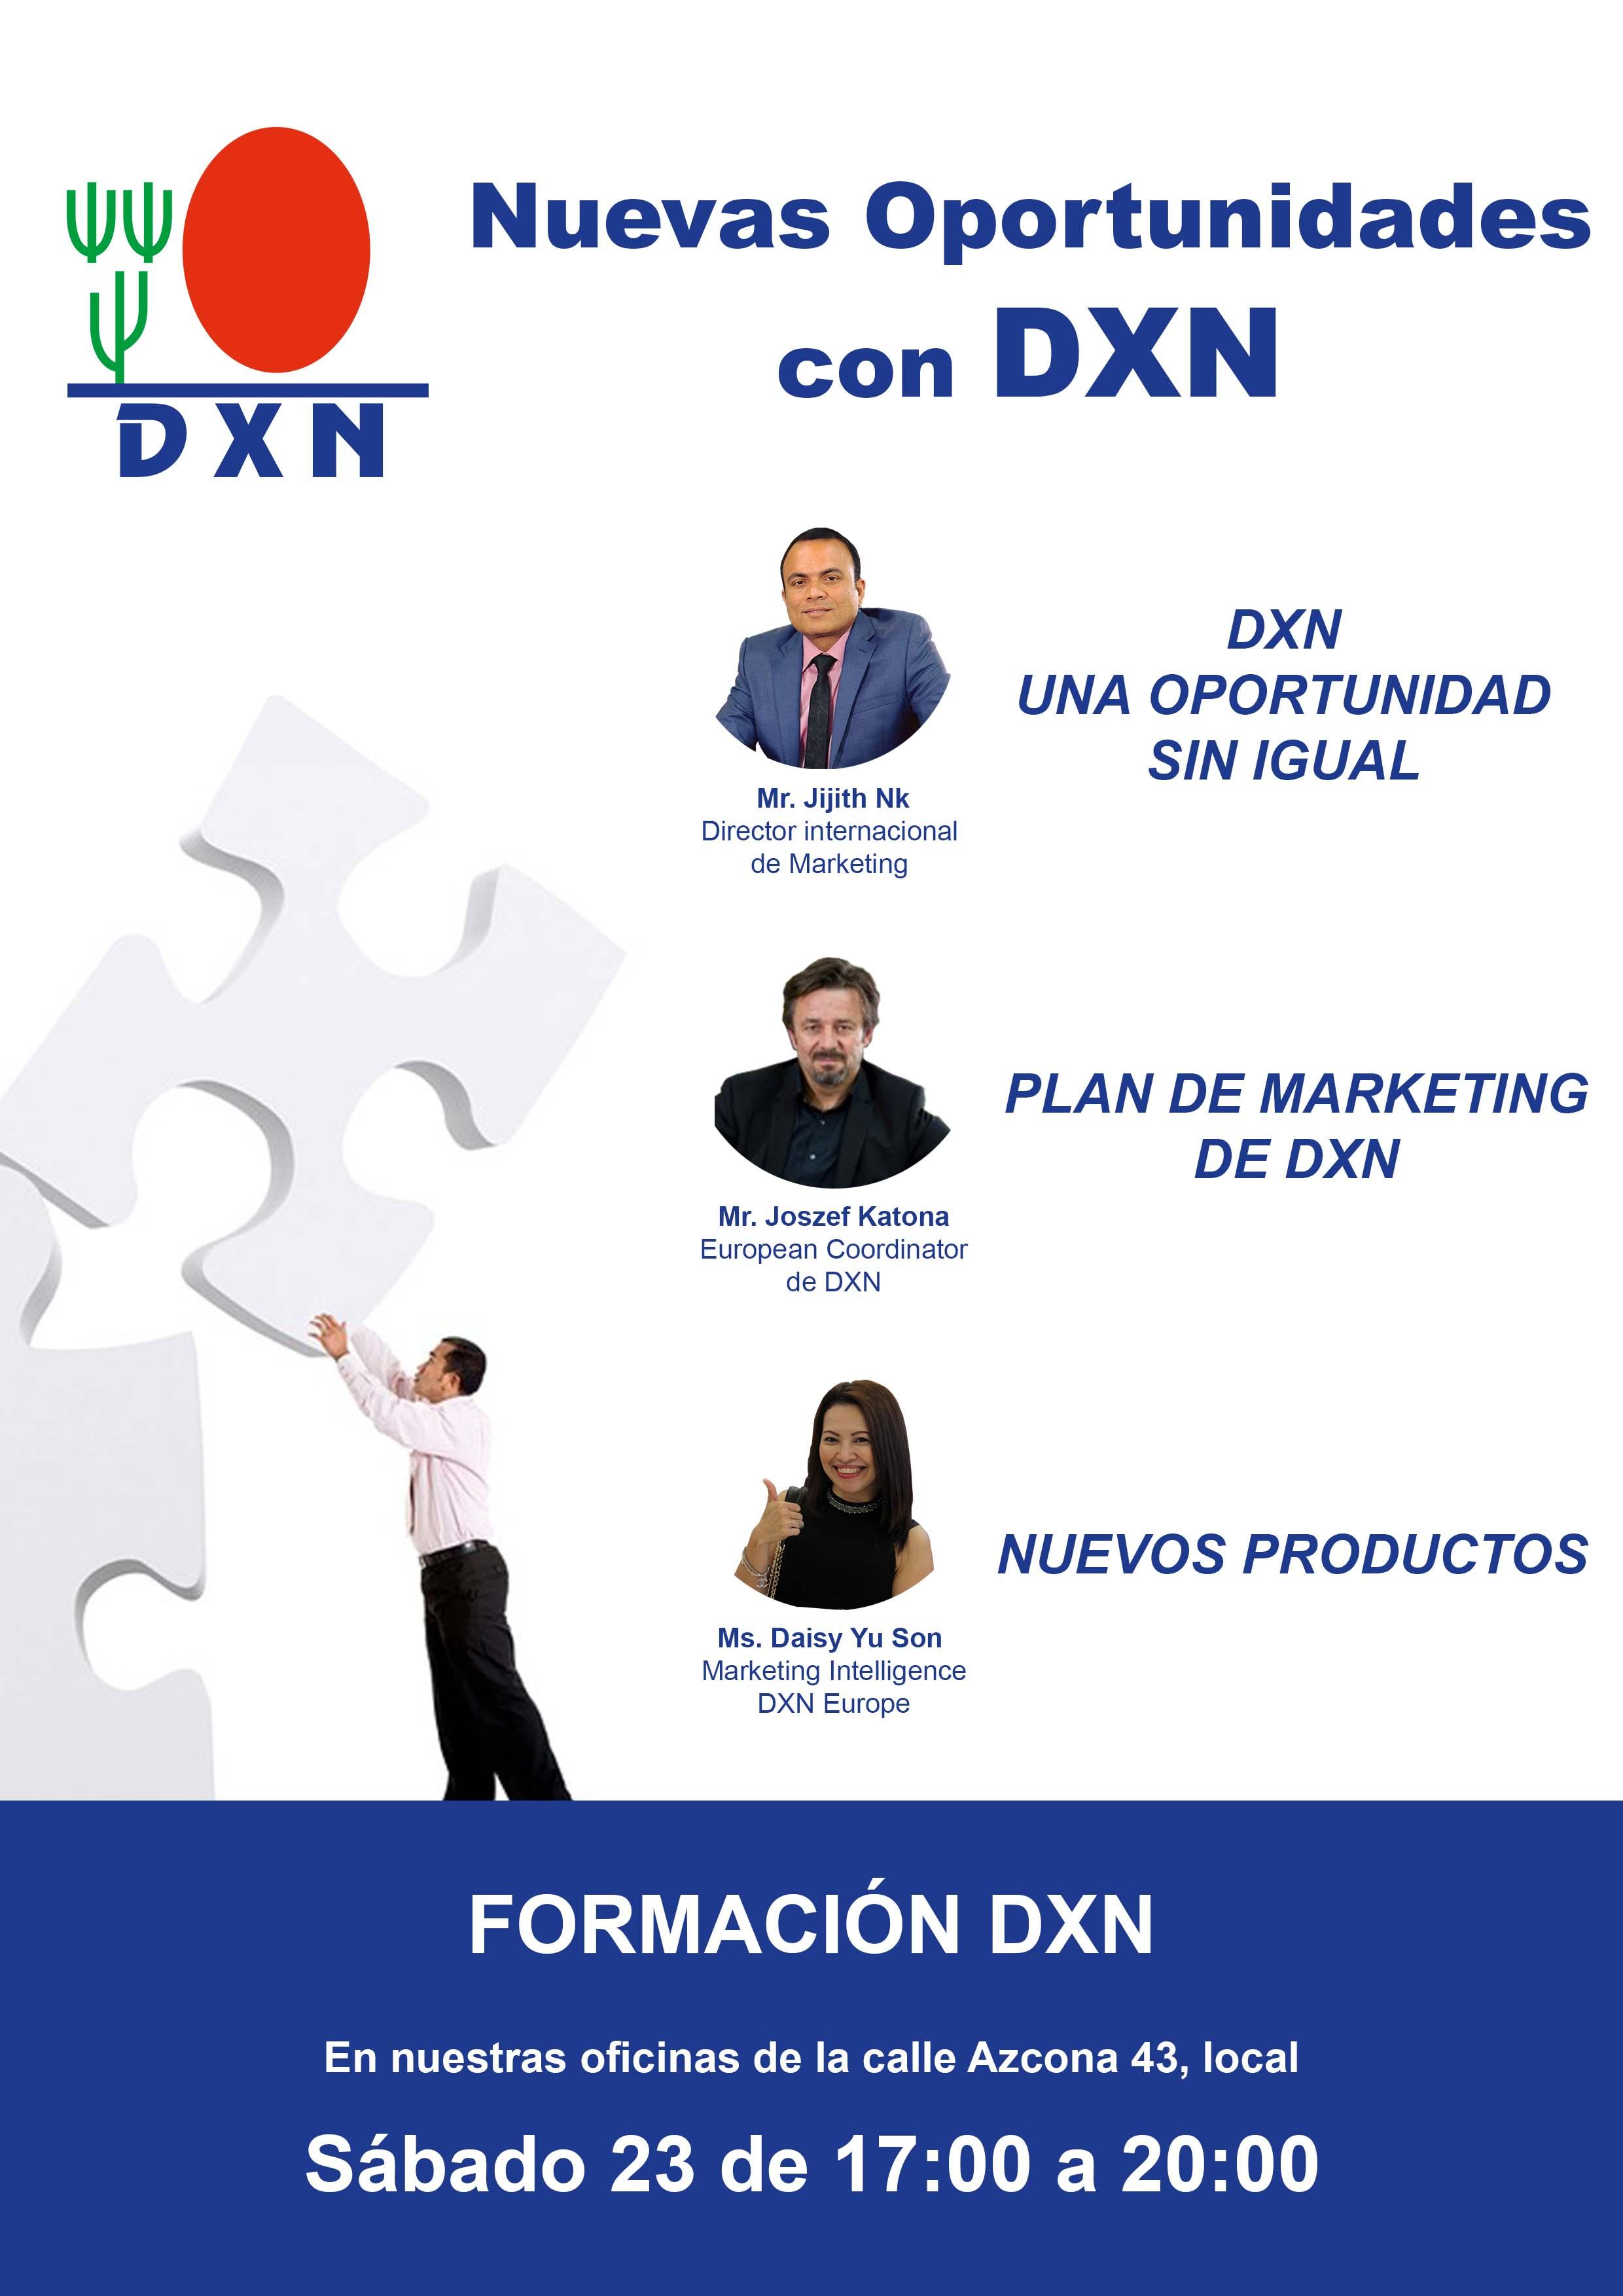 DXN España - DXN Spain